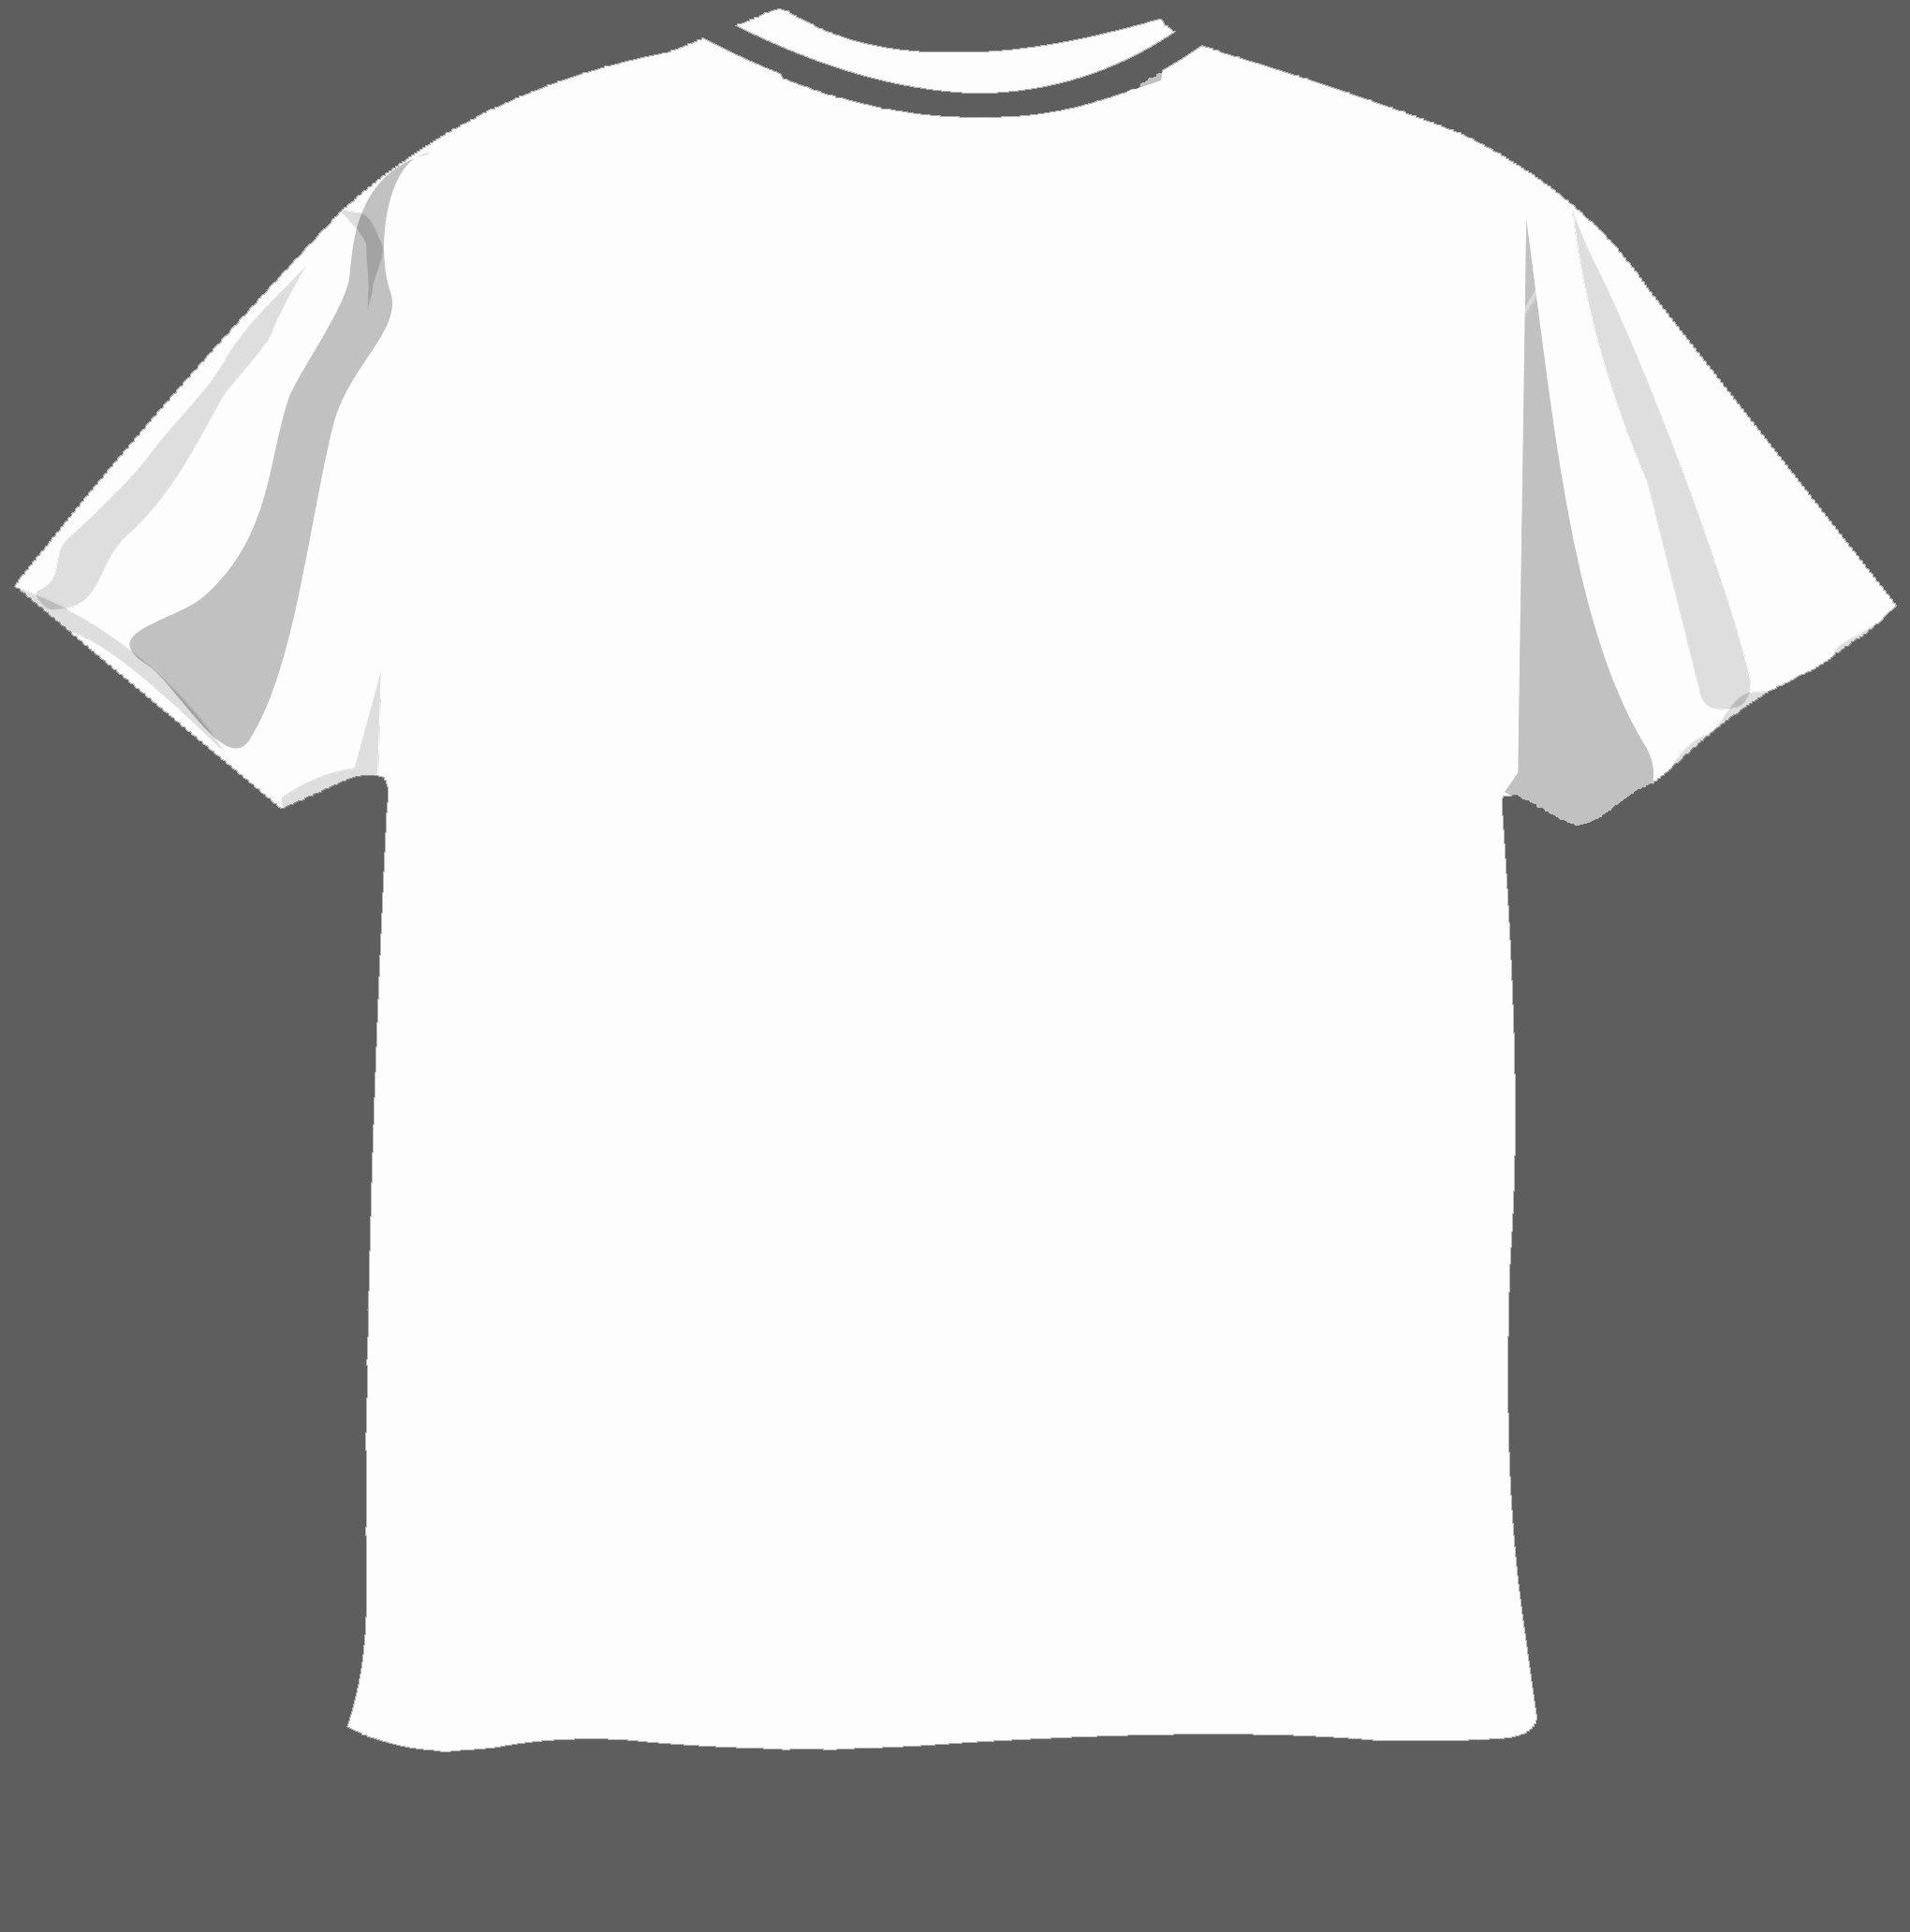 16 Blank T Shirt Template Shop Blank T Shirt